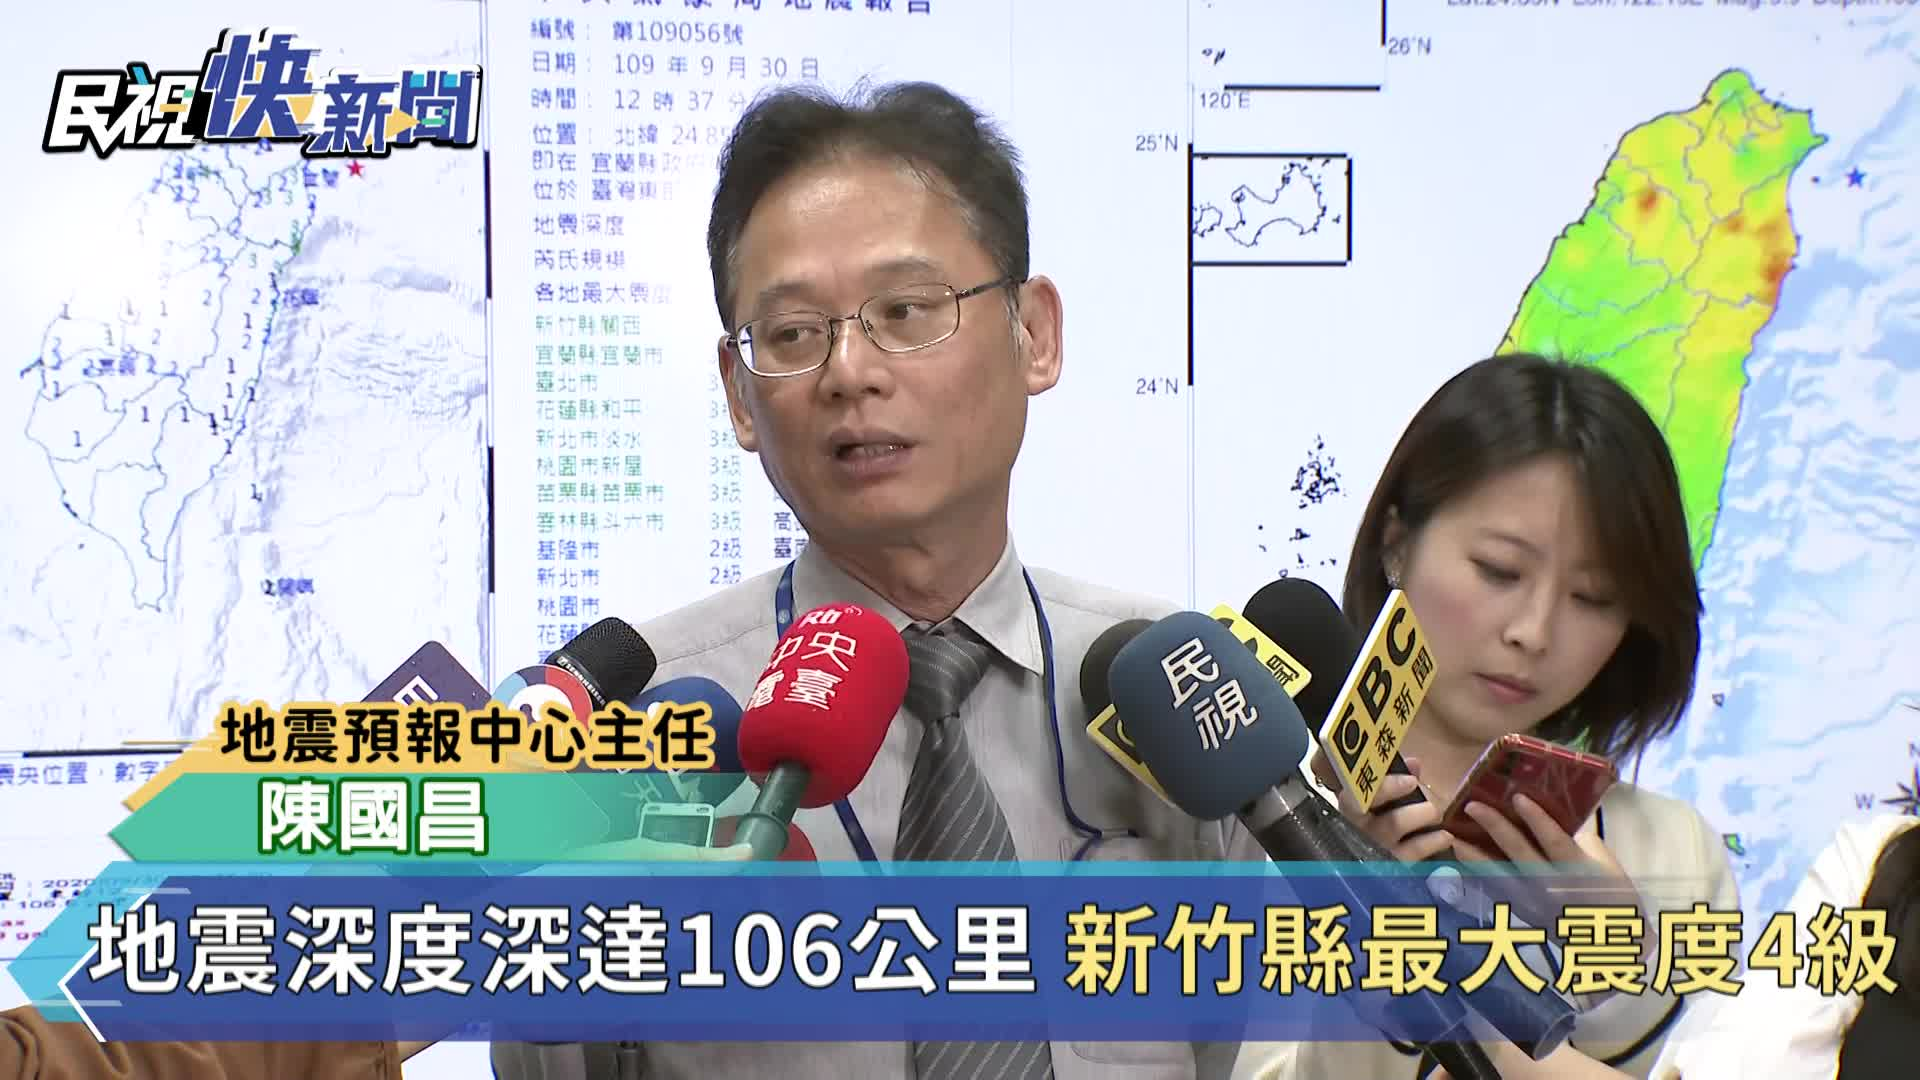 快新聞/地震國家級警報僅「台北市」收到? 氣象局透露背後原因...